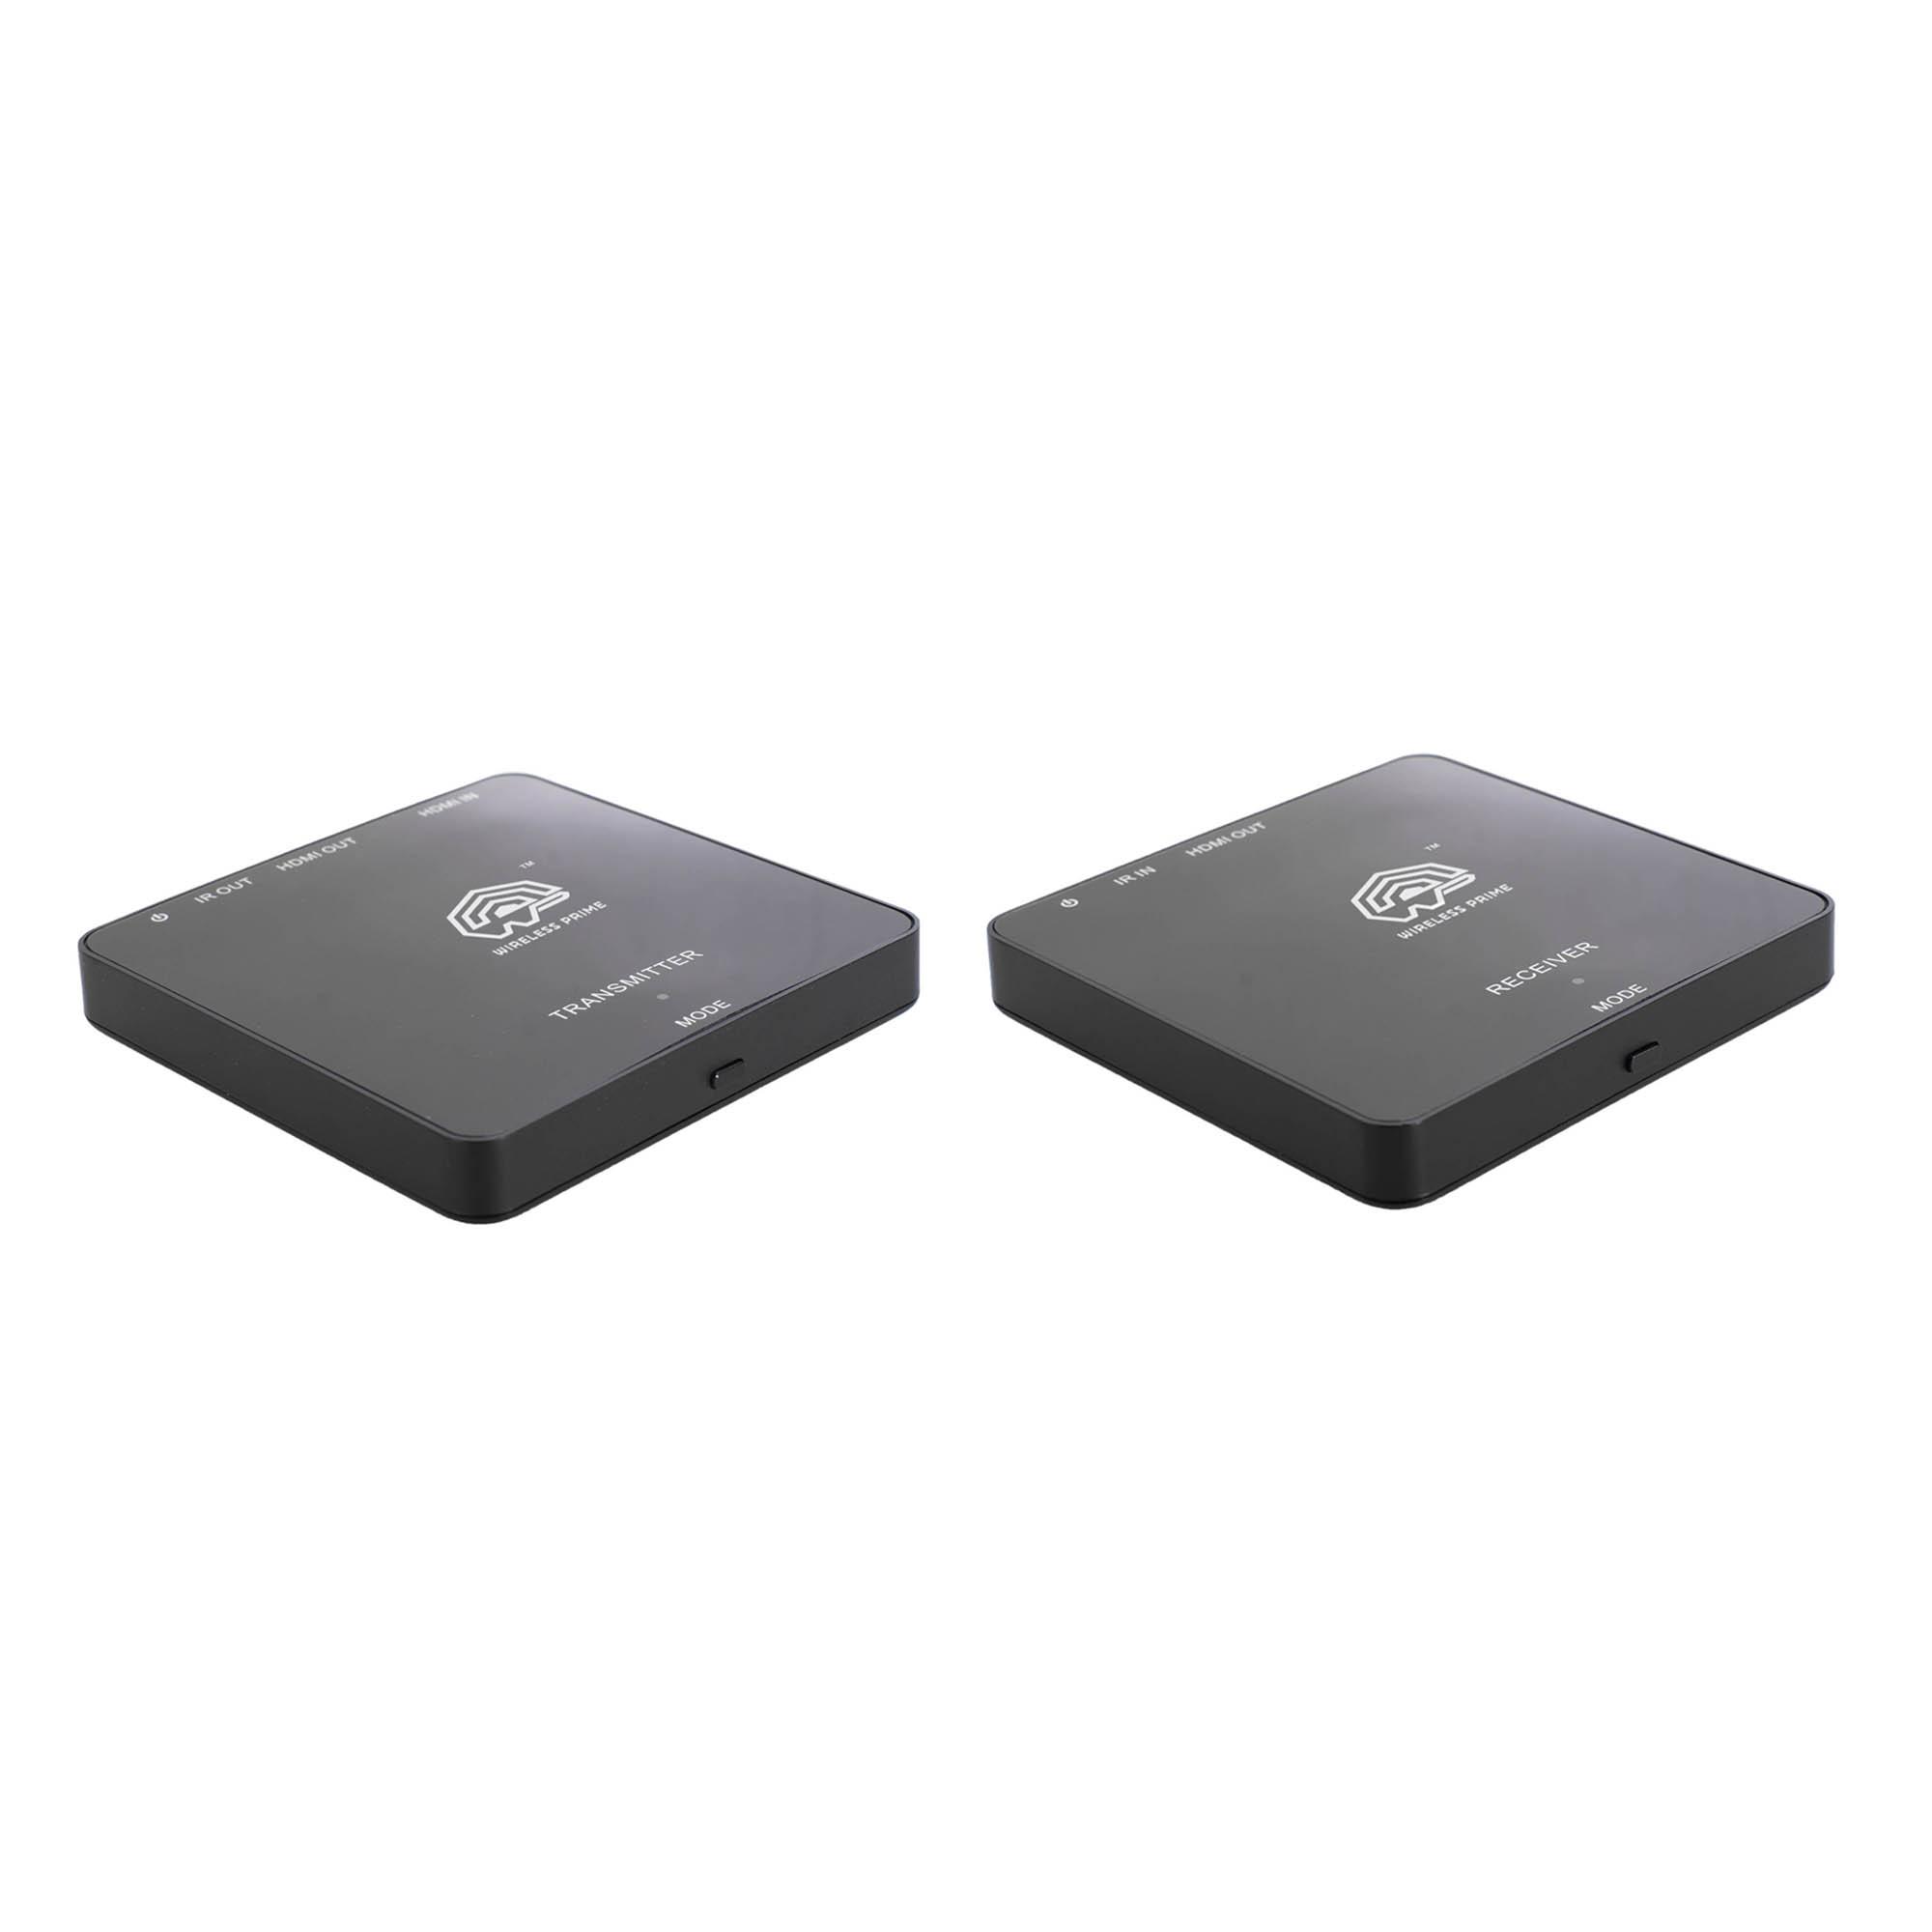 5-325_Full_HD_Wireless_Transmitter_Kit